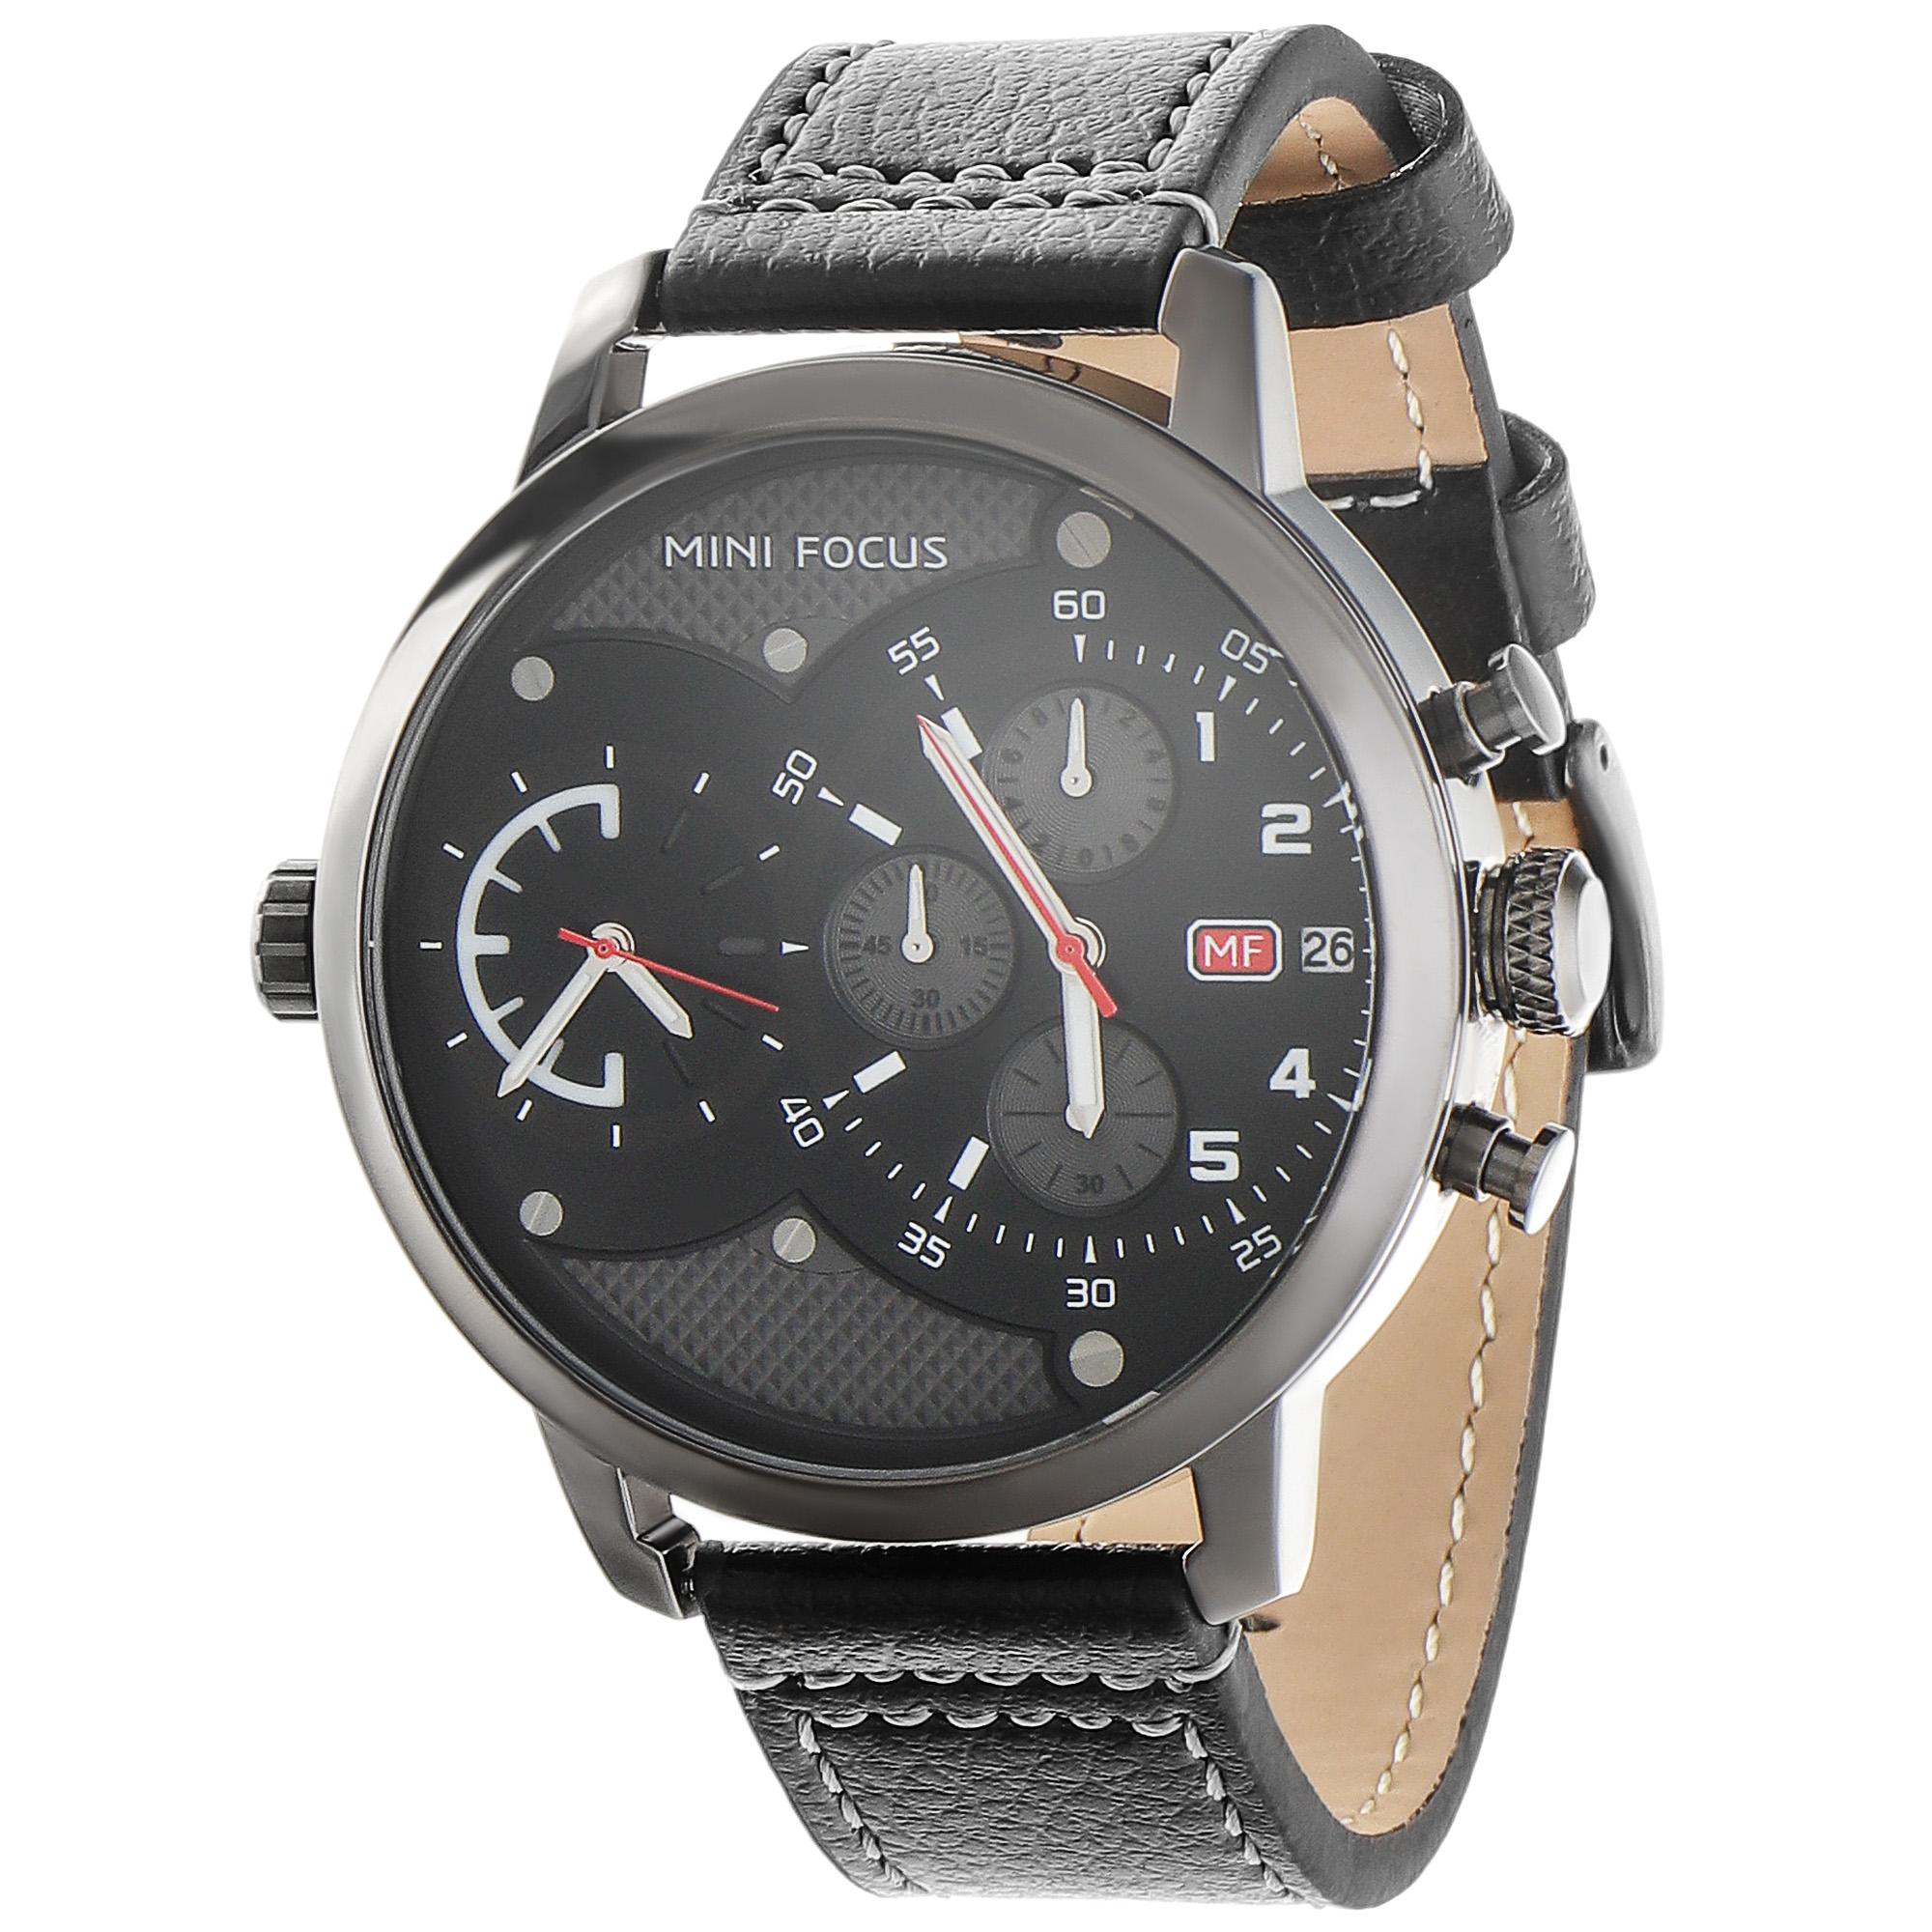 Часы наручные Minifocus MF123601 наручные часы kitch watch k 269